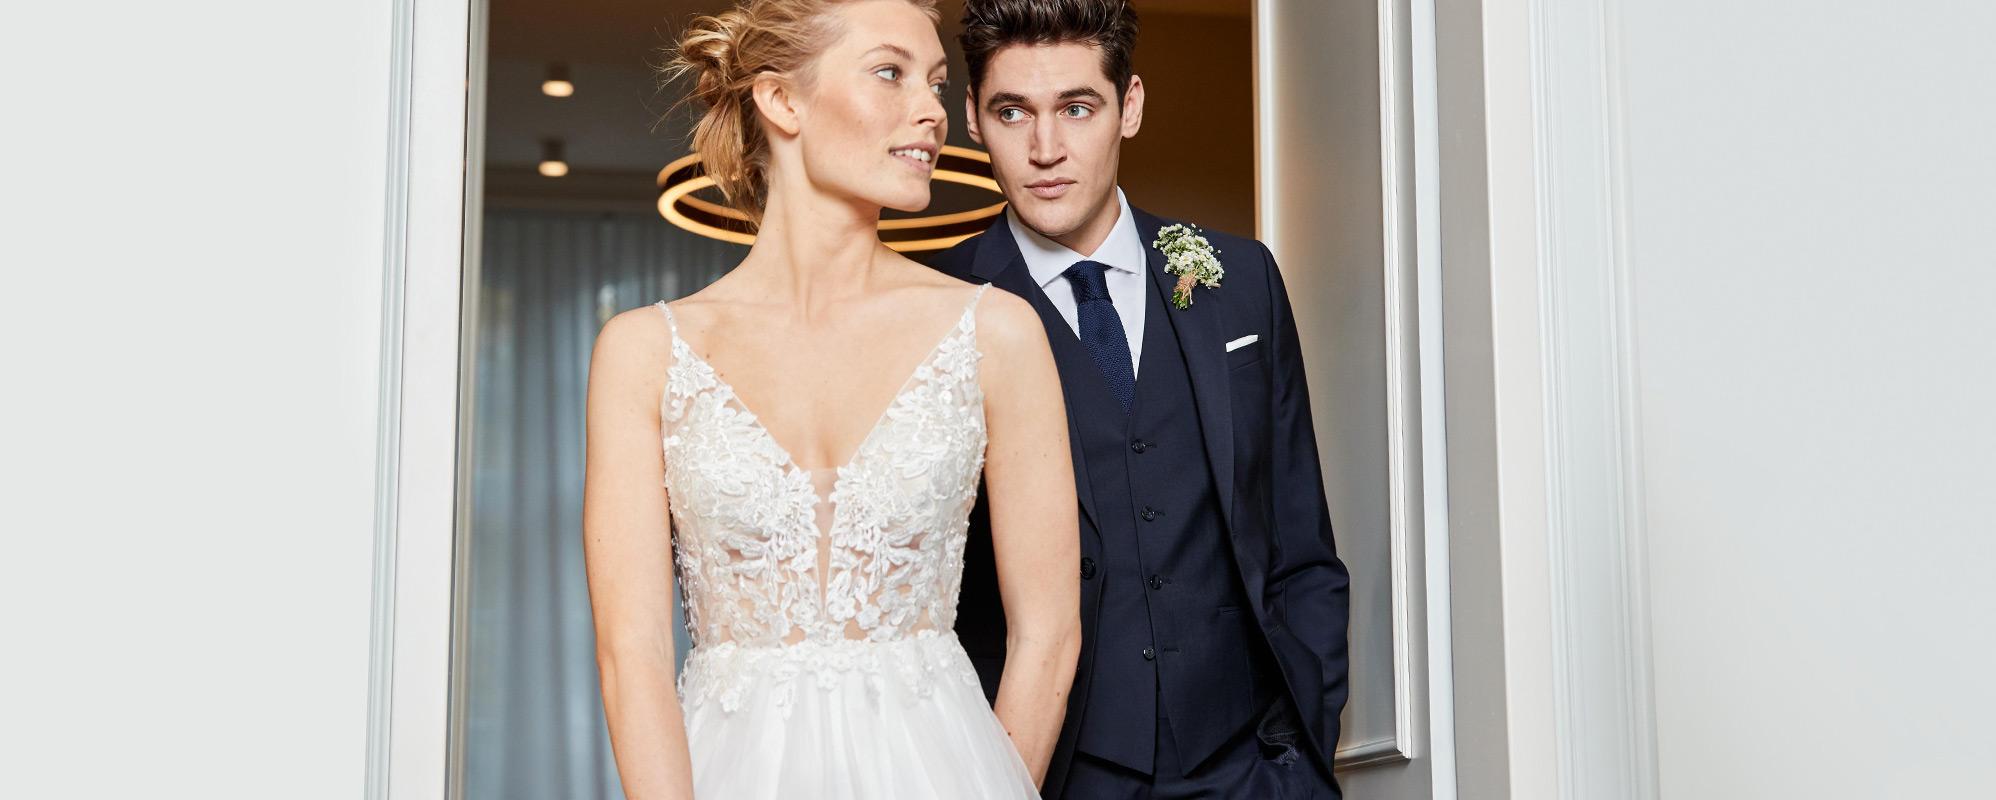 Hochzeitsmode Damen & Herren 14 ▷ P&C Online Shop